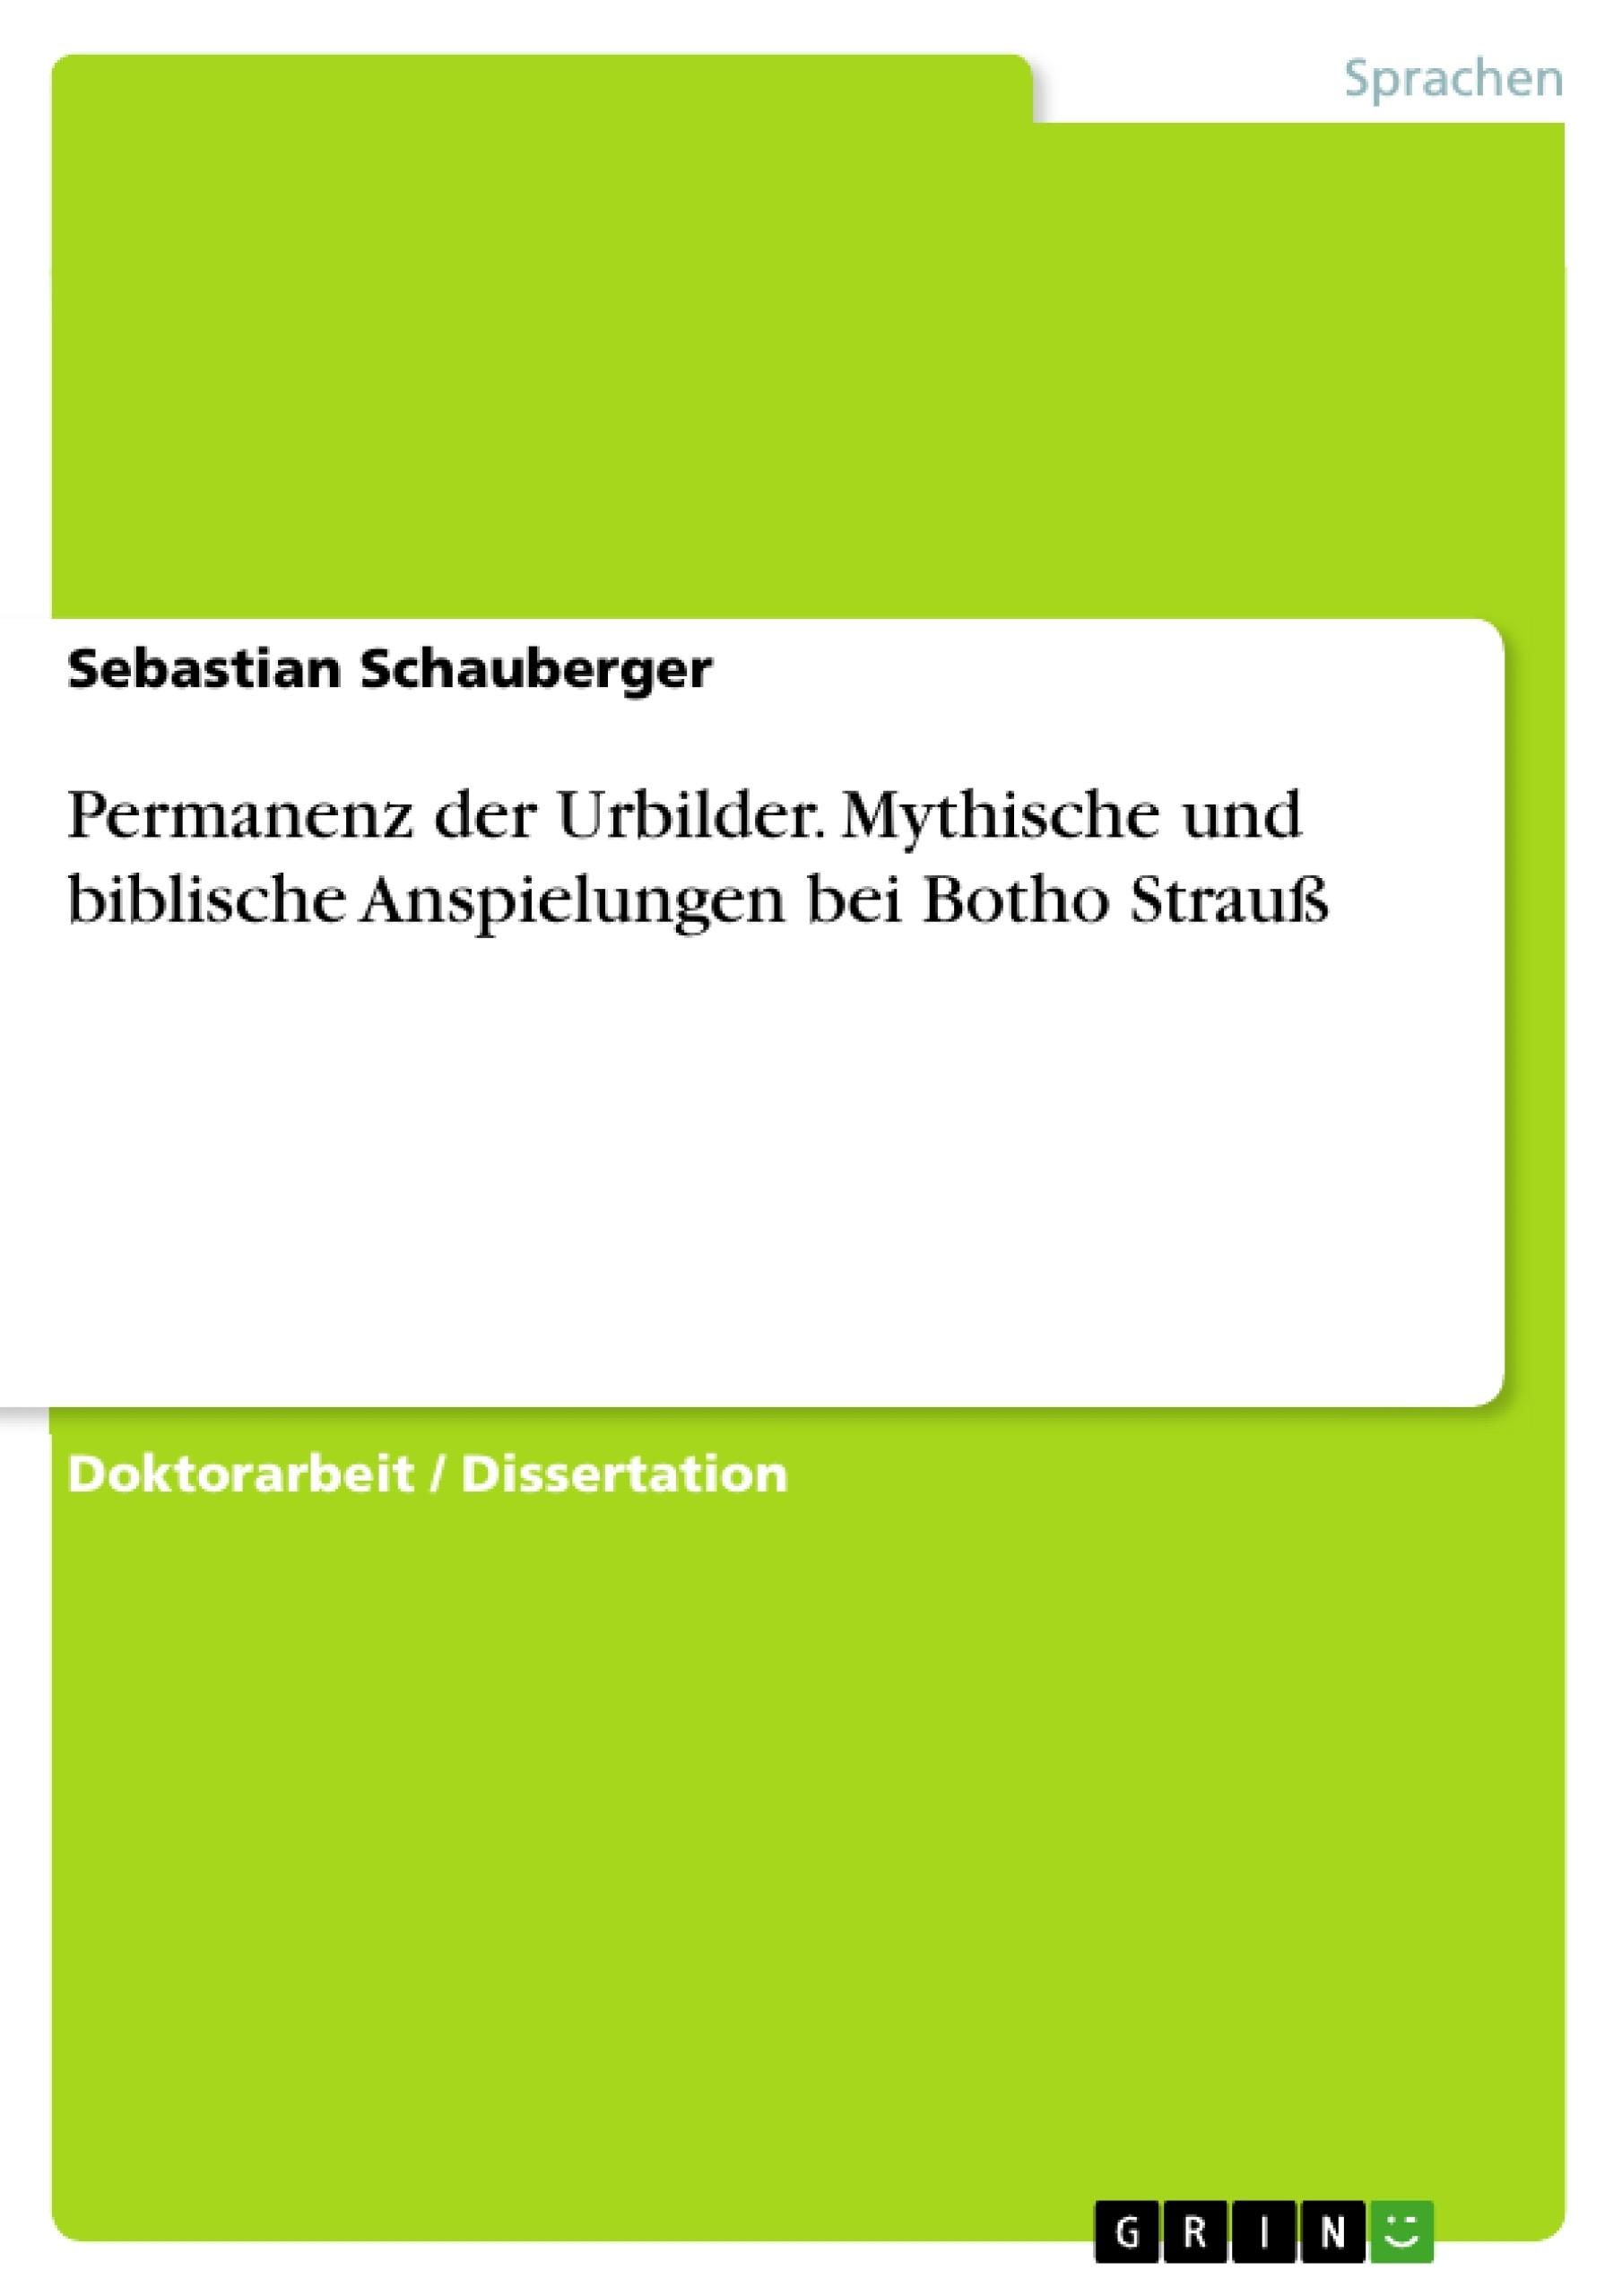 Titel: Permanenz der Urbilder. Mythische und biblische Anspielungen bei Botho Strauß